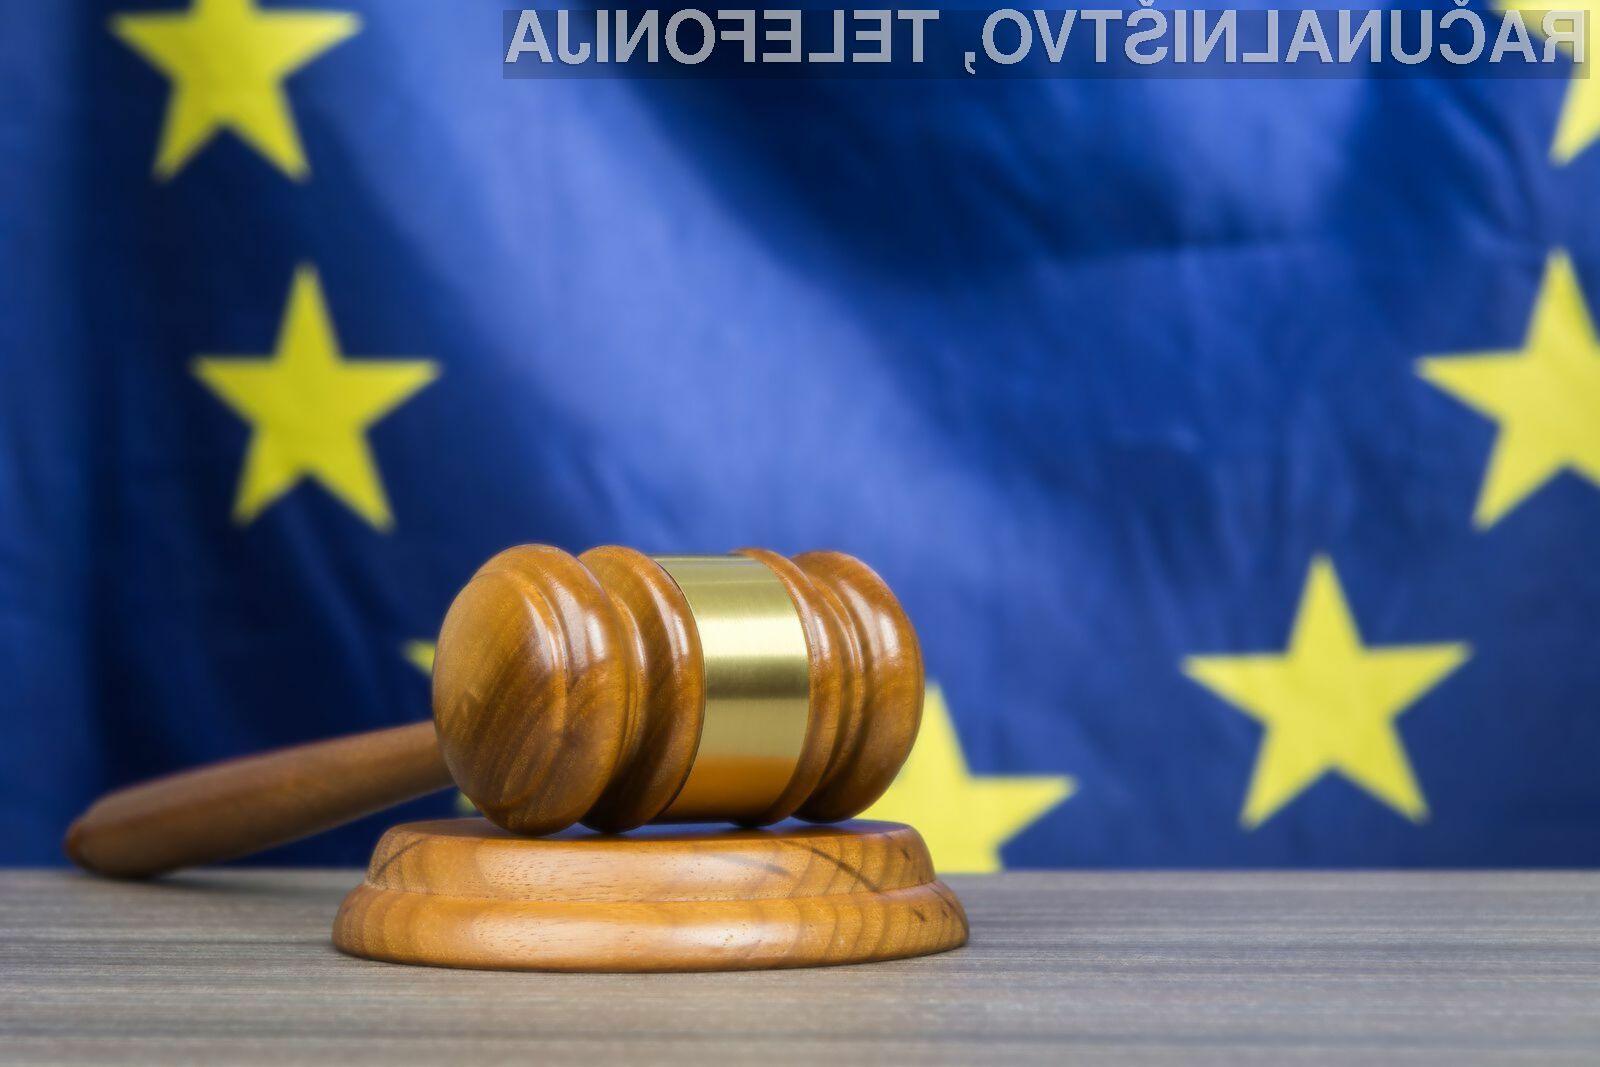 Uporabniki na ozemlju Evropske unije bi lahko čez noč ostali tako brez novičarske storitve Google News kot brez milijonov videoposnetkov na YoTubu.